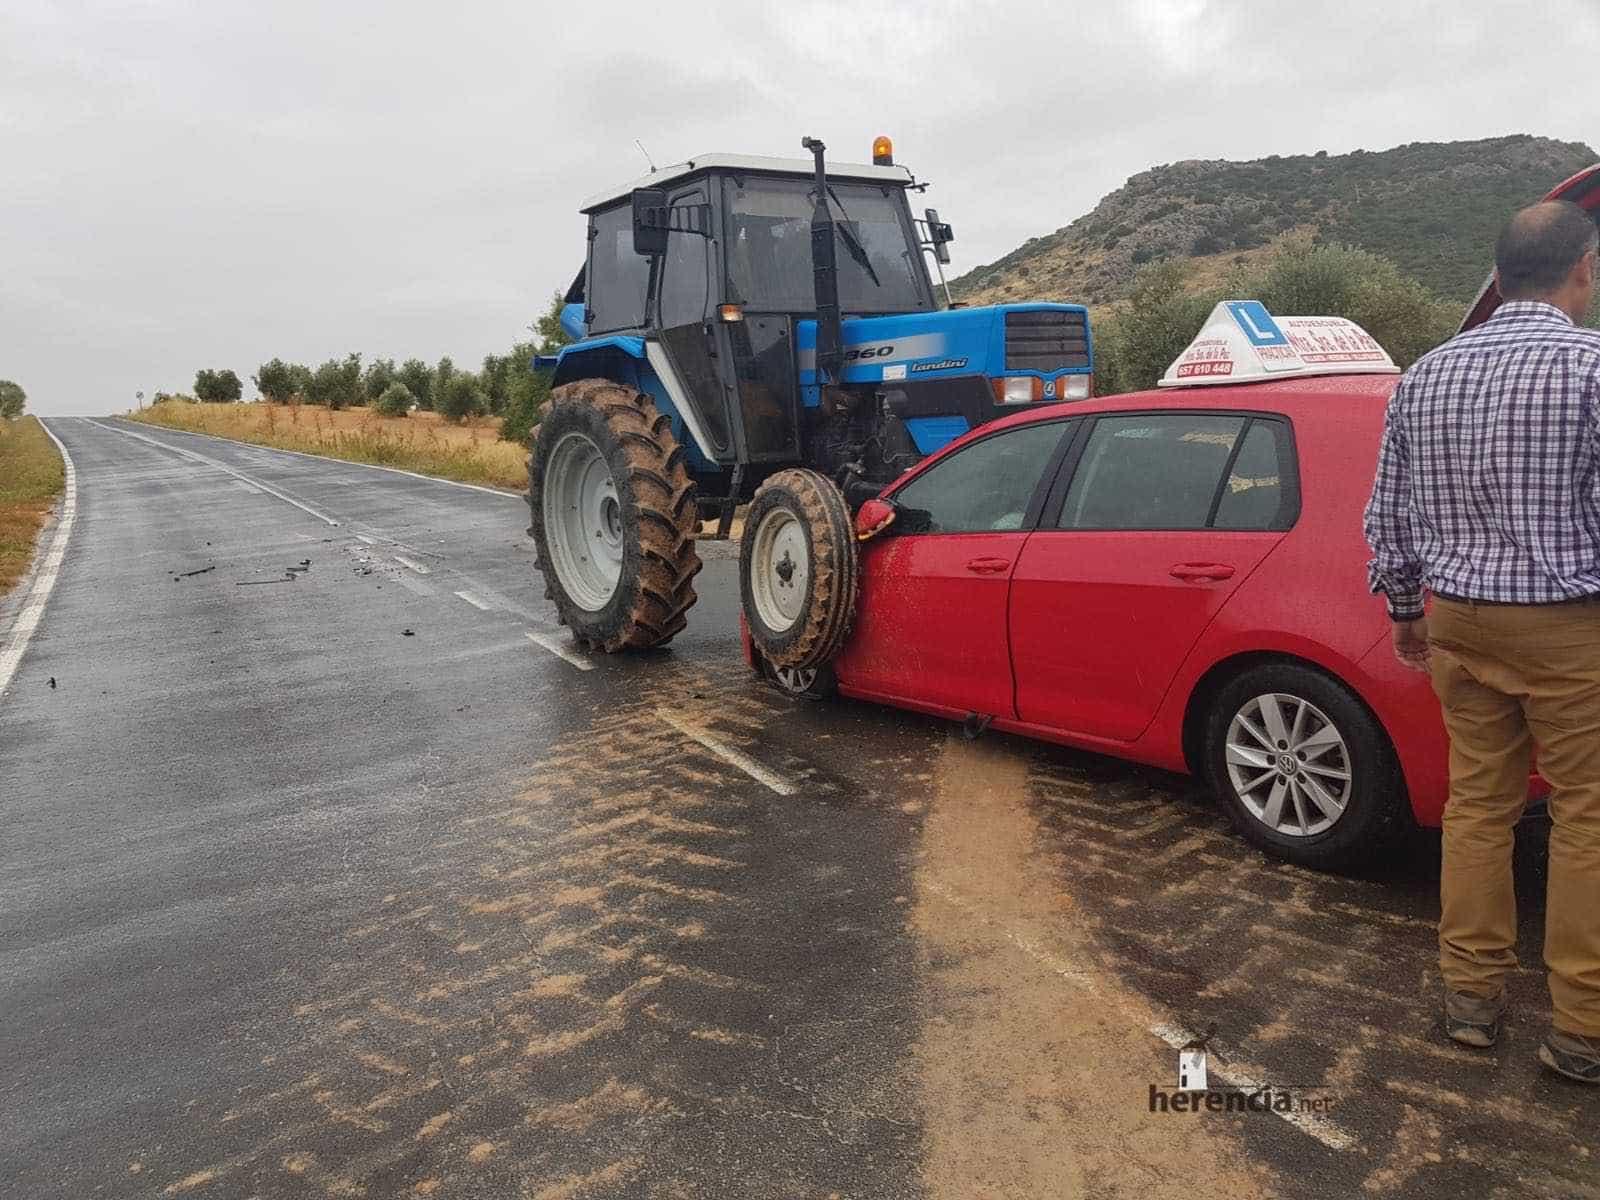 accidente tractor turismo herencia villarta de san juan 1 - Accidente con heridos en la carretera que une Herencia y Villarta de San Juan